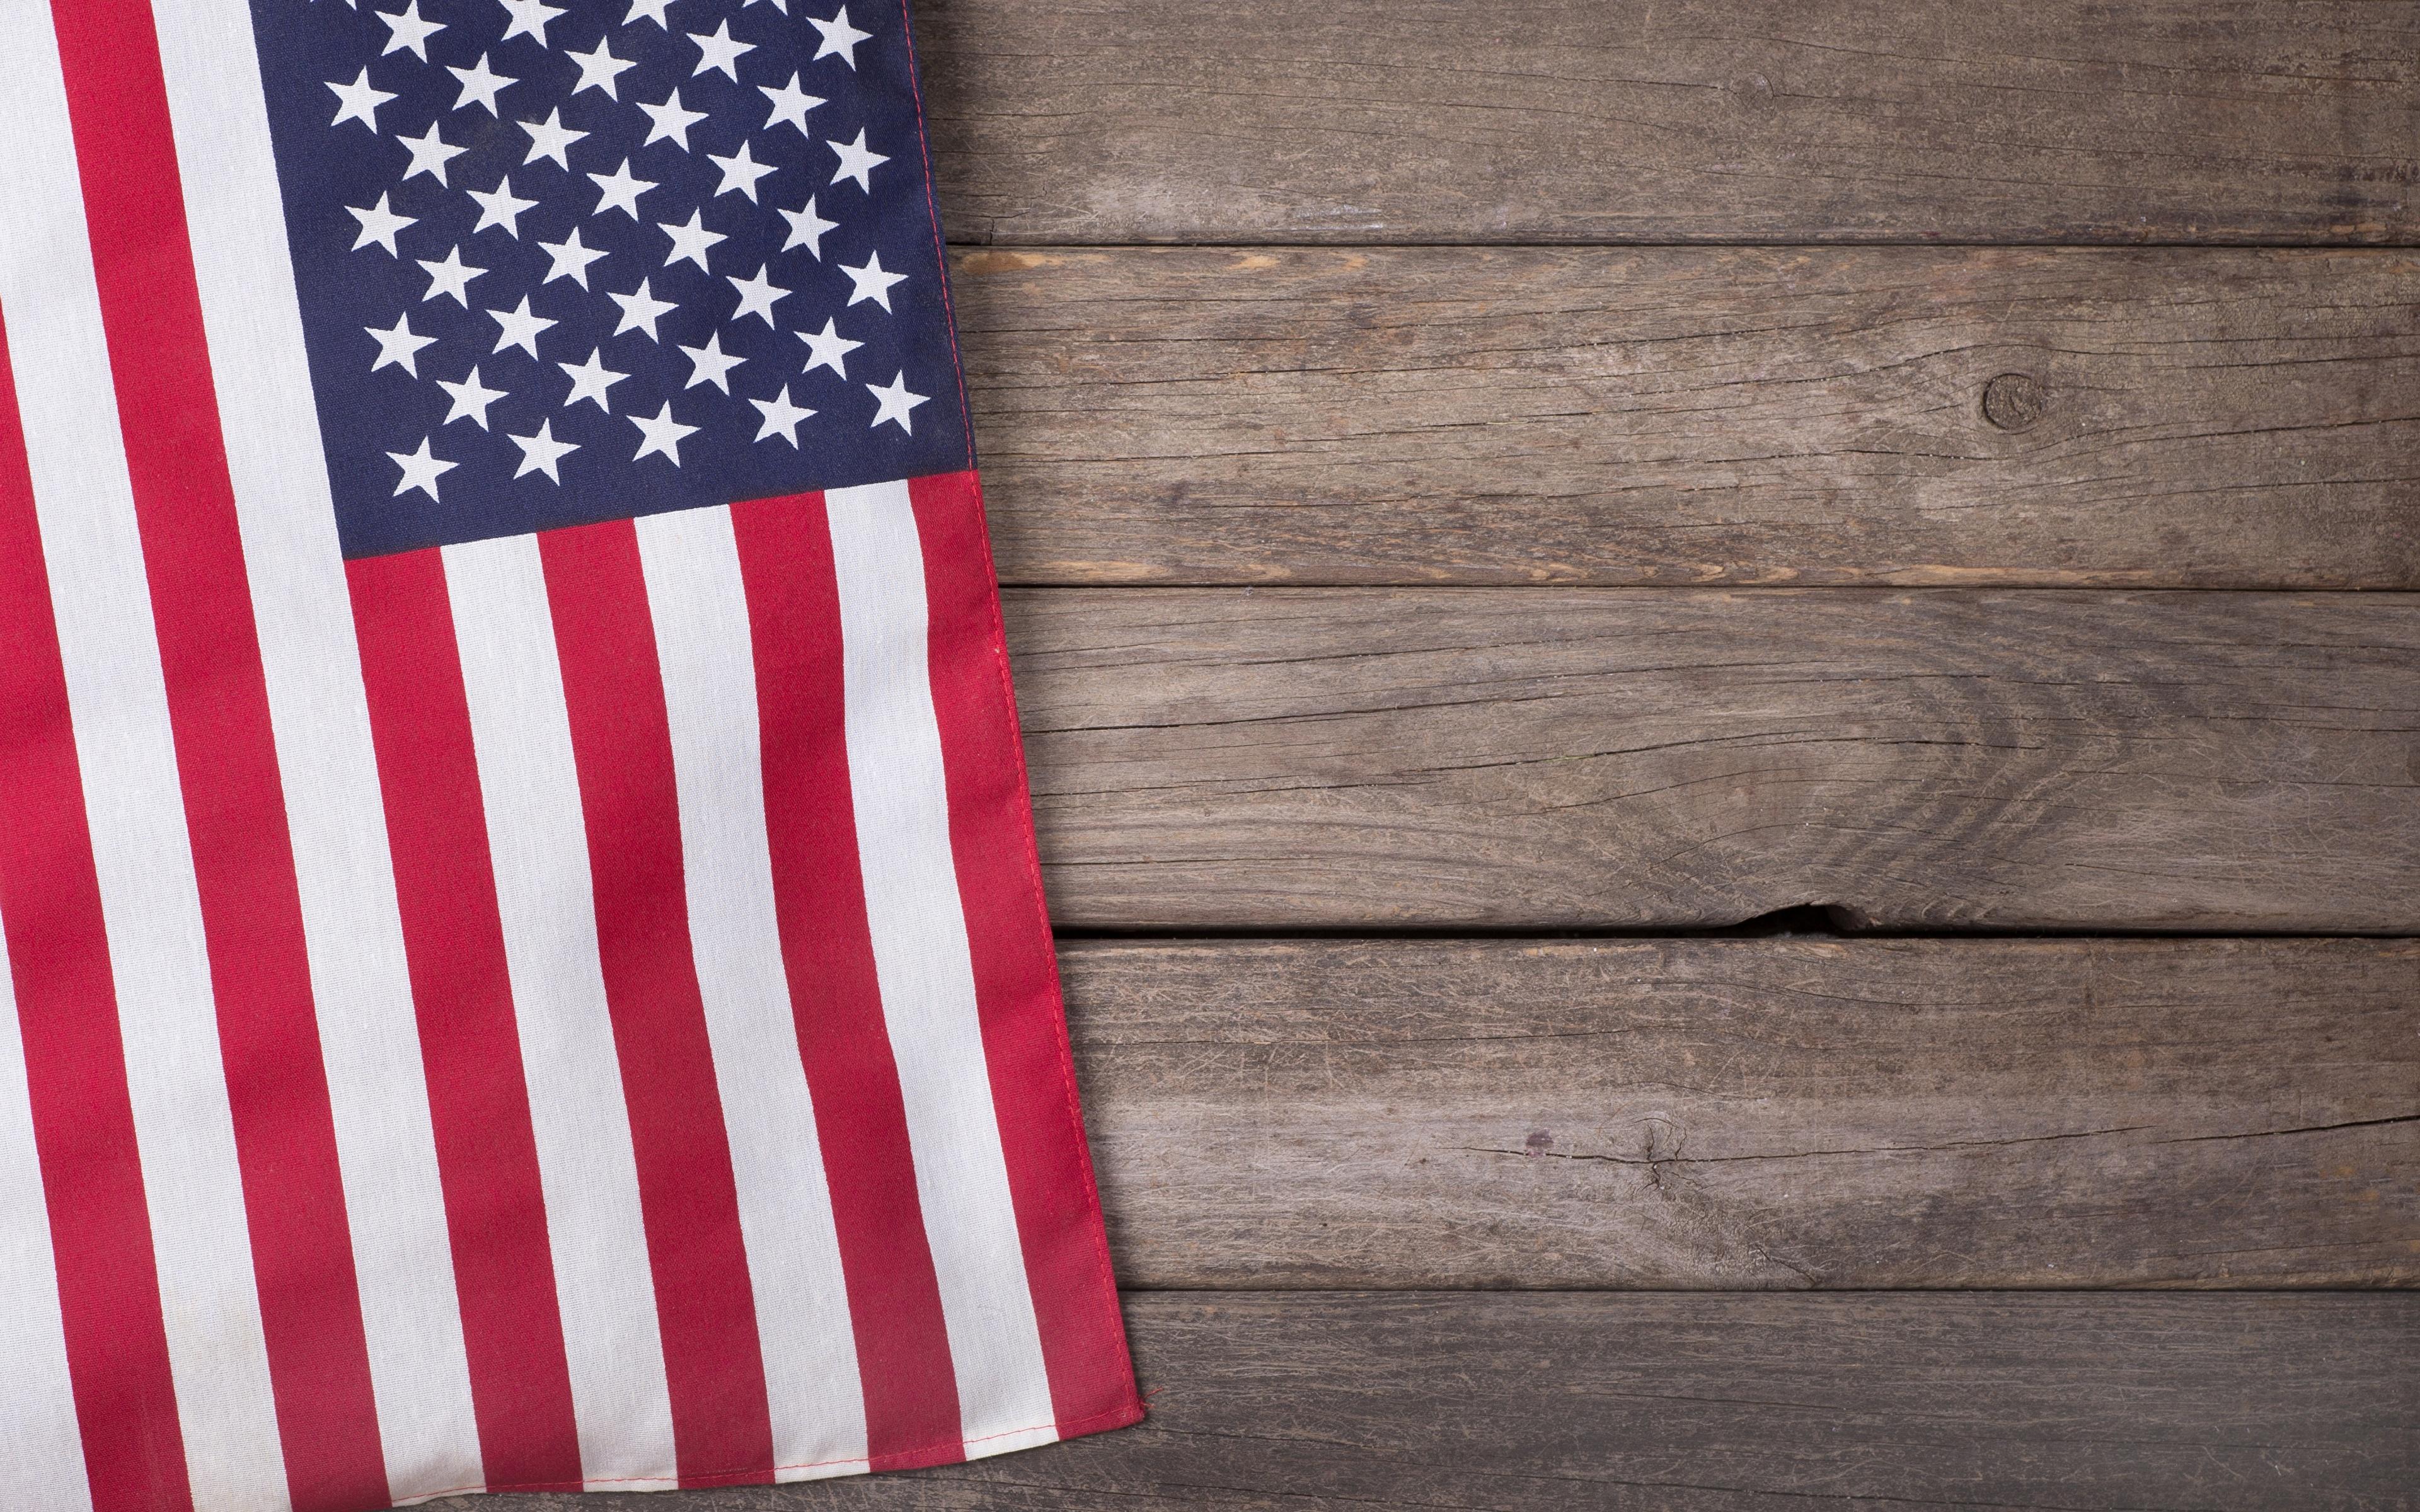 Sfondi stati uniti Bandiera Tavole 3840x2400 USA